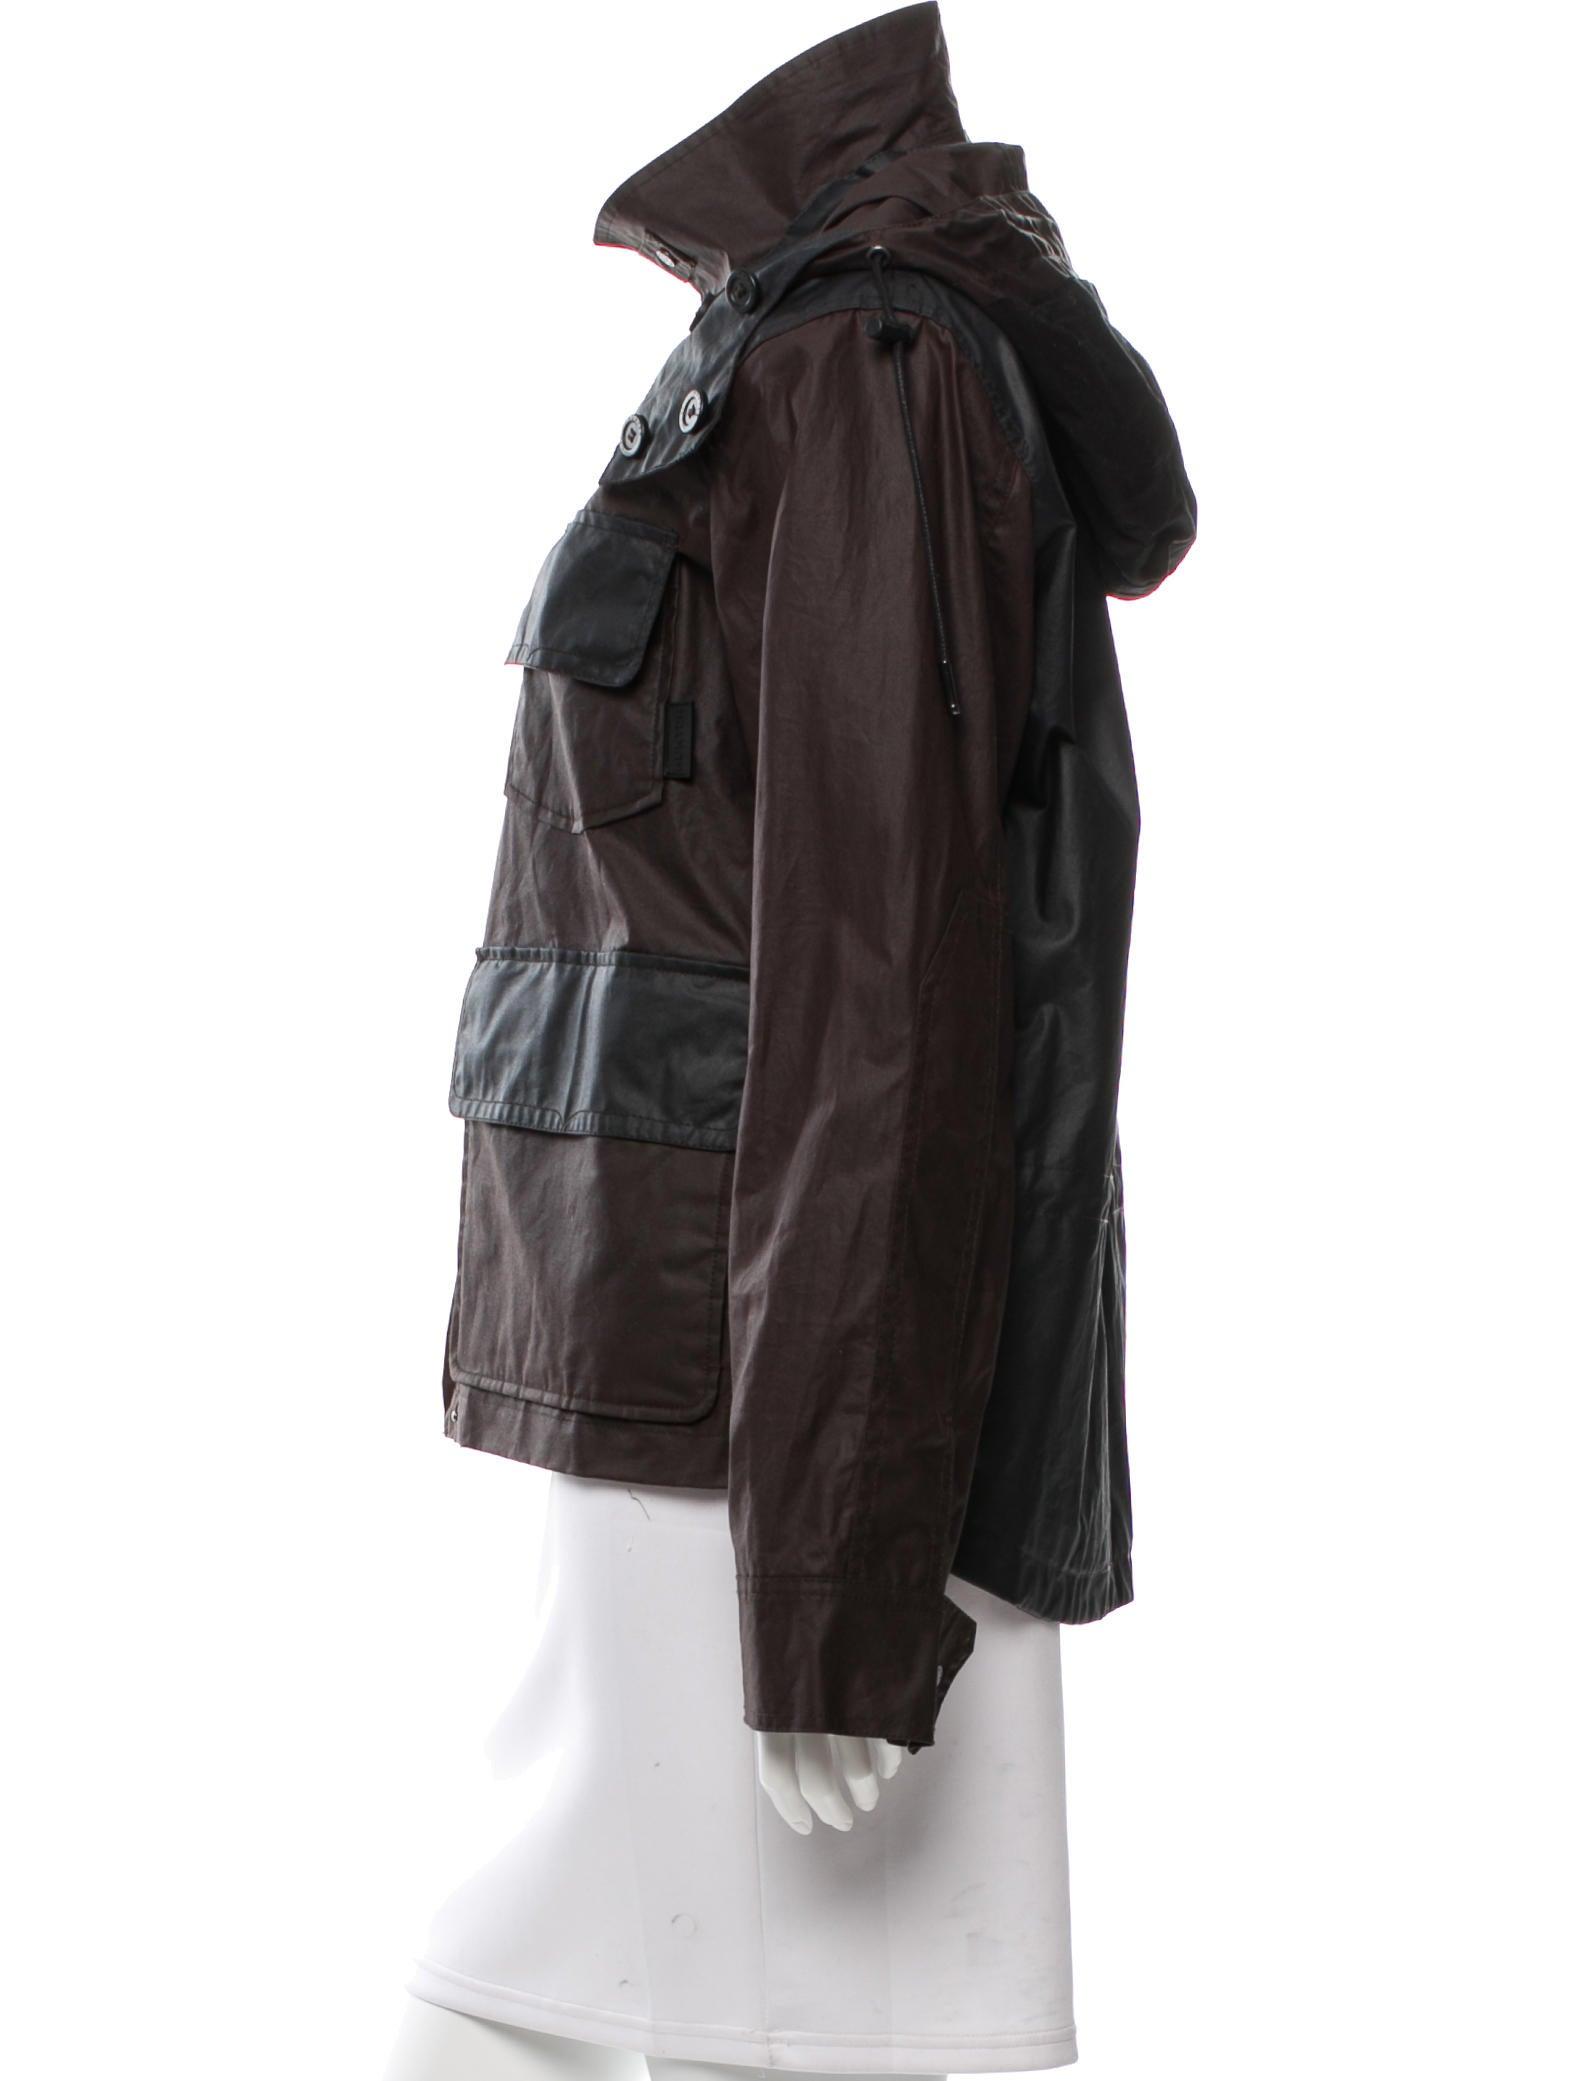 Utility Jacket Jackets And Nike: Hunter Hooded Utility Jacket - Clothing - WH821046